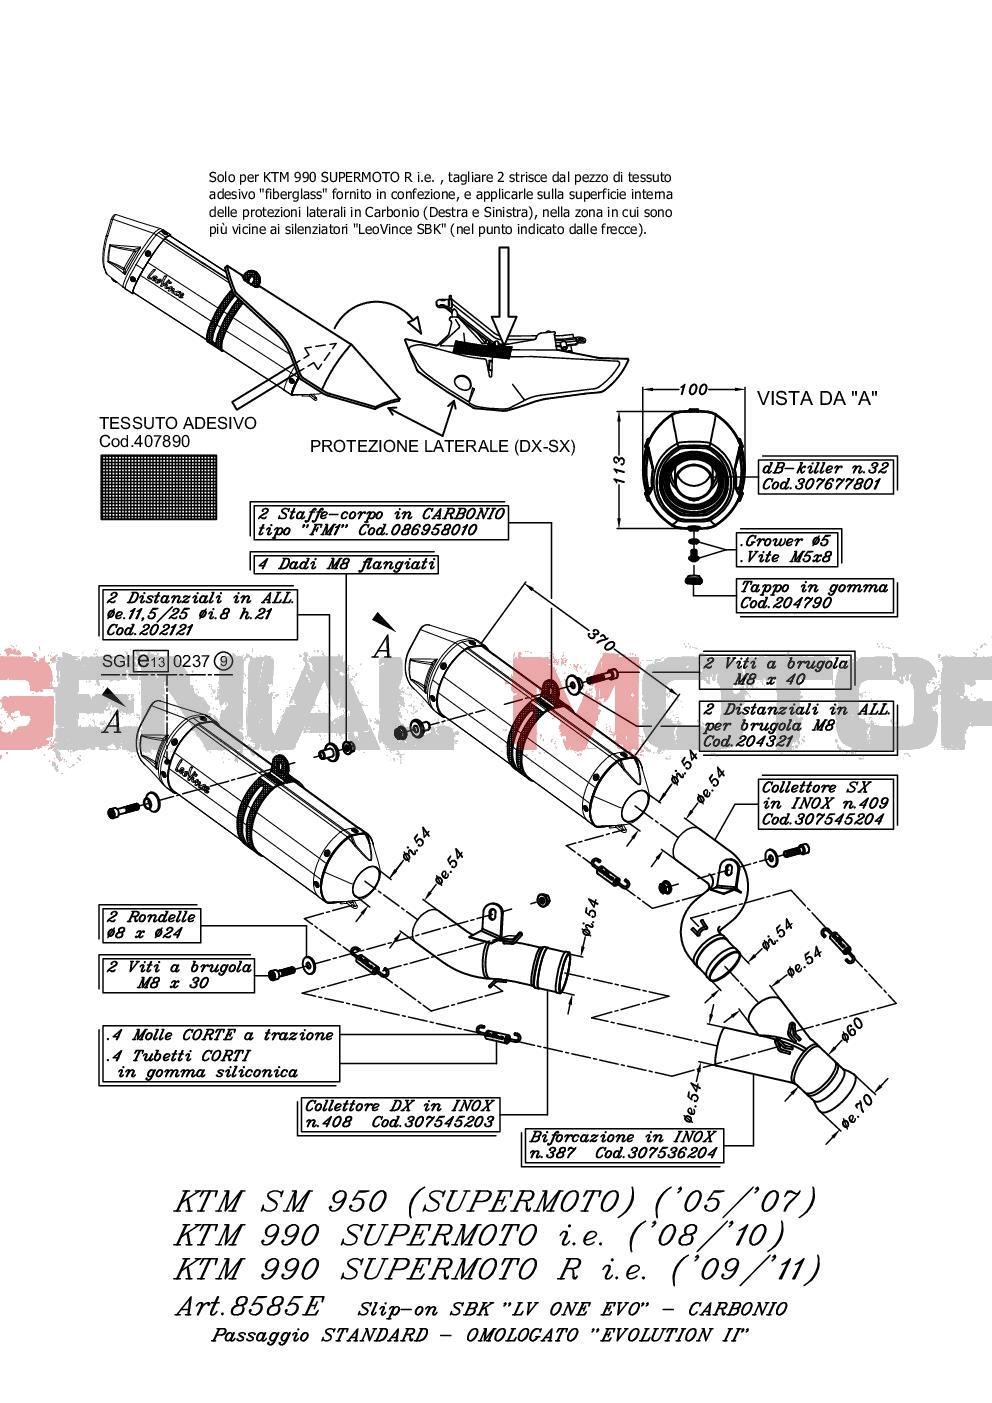 8585E 2 Terminali Scarico Leovince Lv One Evo Carbon Ktm 950 Sm Supermoto 2005 > 2008